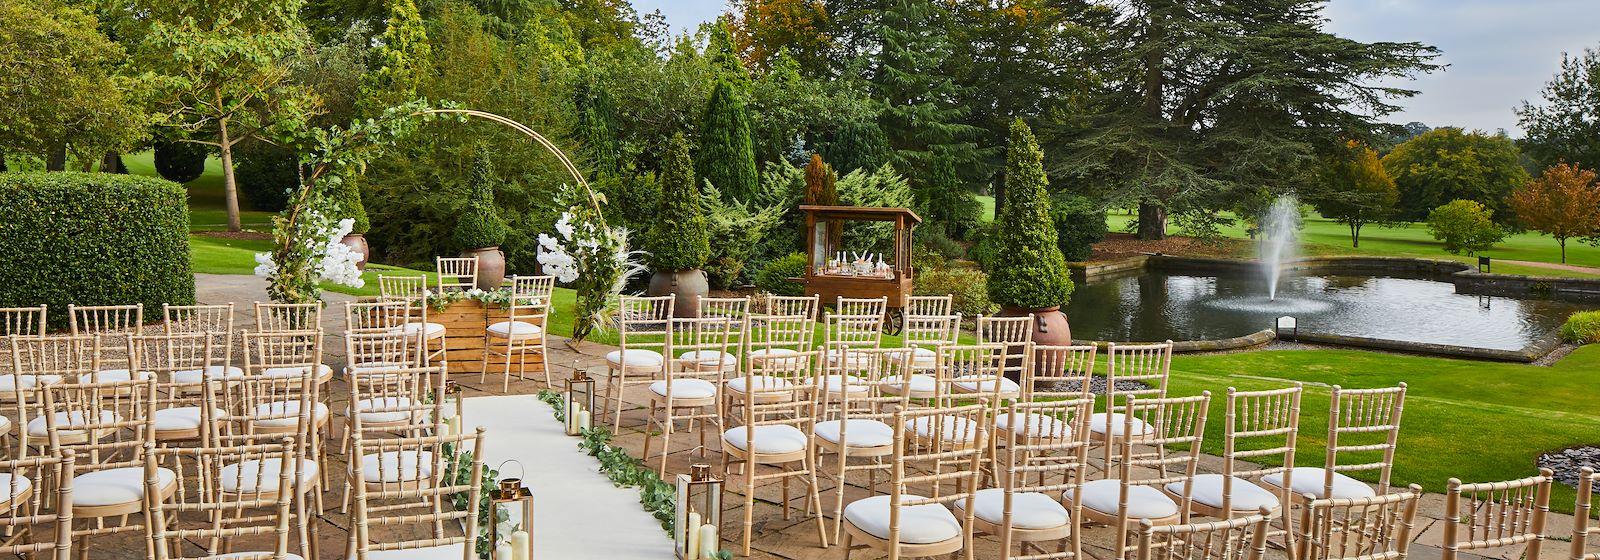 Wedding Party Spaces Derby